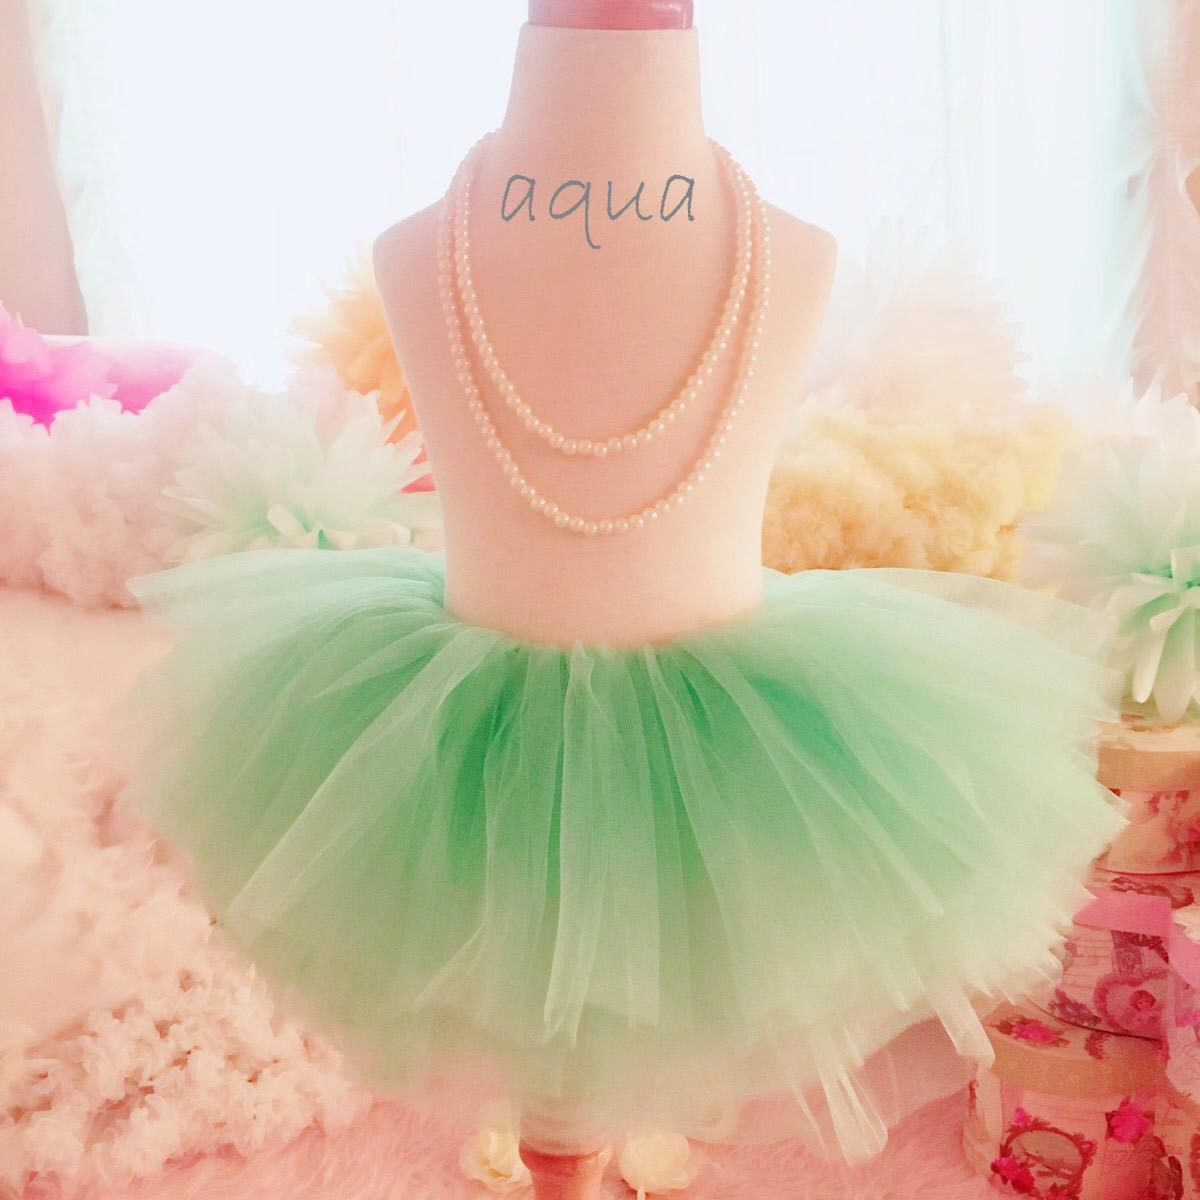 ソフトチュールのこどもドレスアップチュチュスカート☆10色 ニューボーン/4monts-3T/4T-8T  0才~8才までのプリンセスなお姫様スカート ドレスにも普段着にもOK!